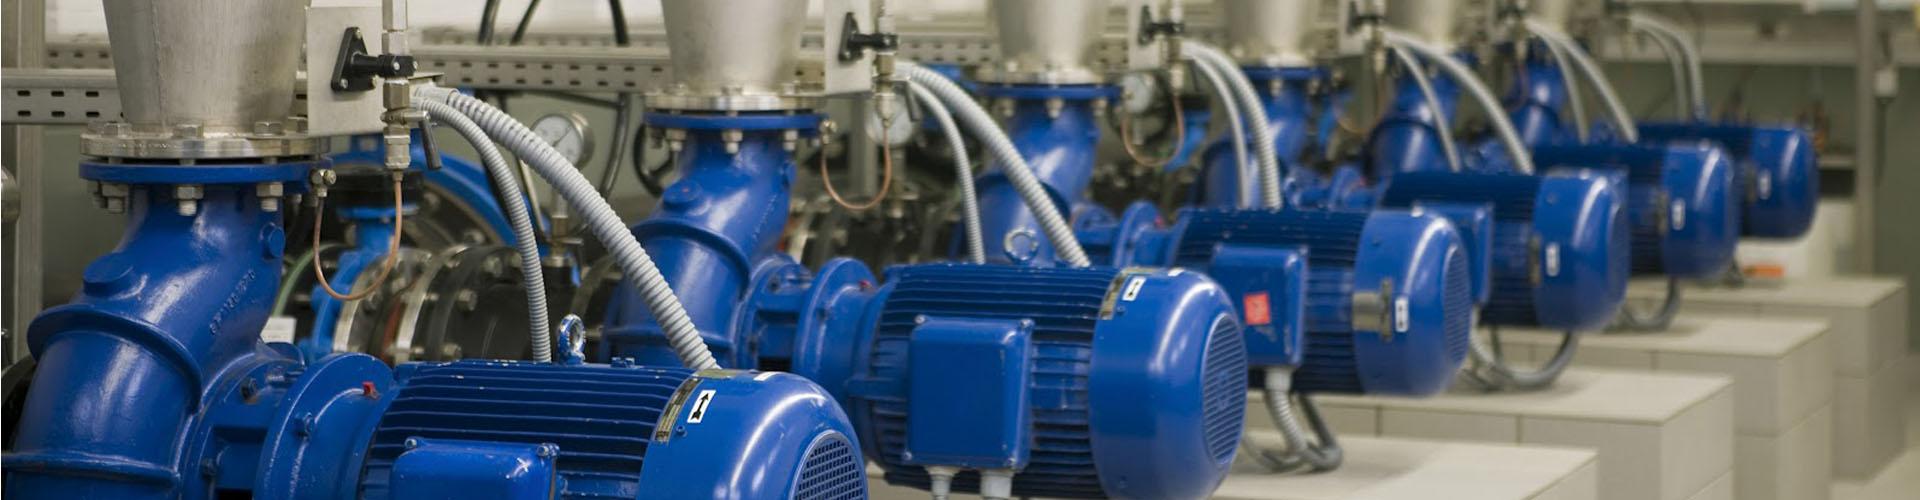 motores-electricos-barranquilla